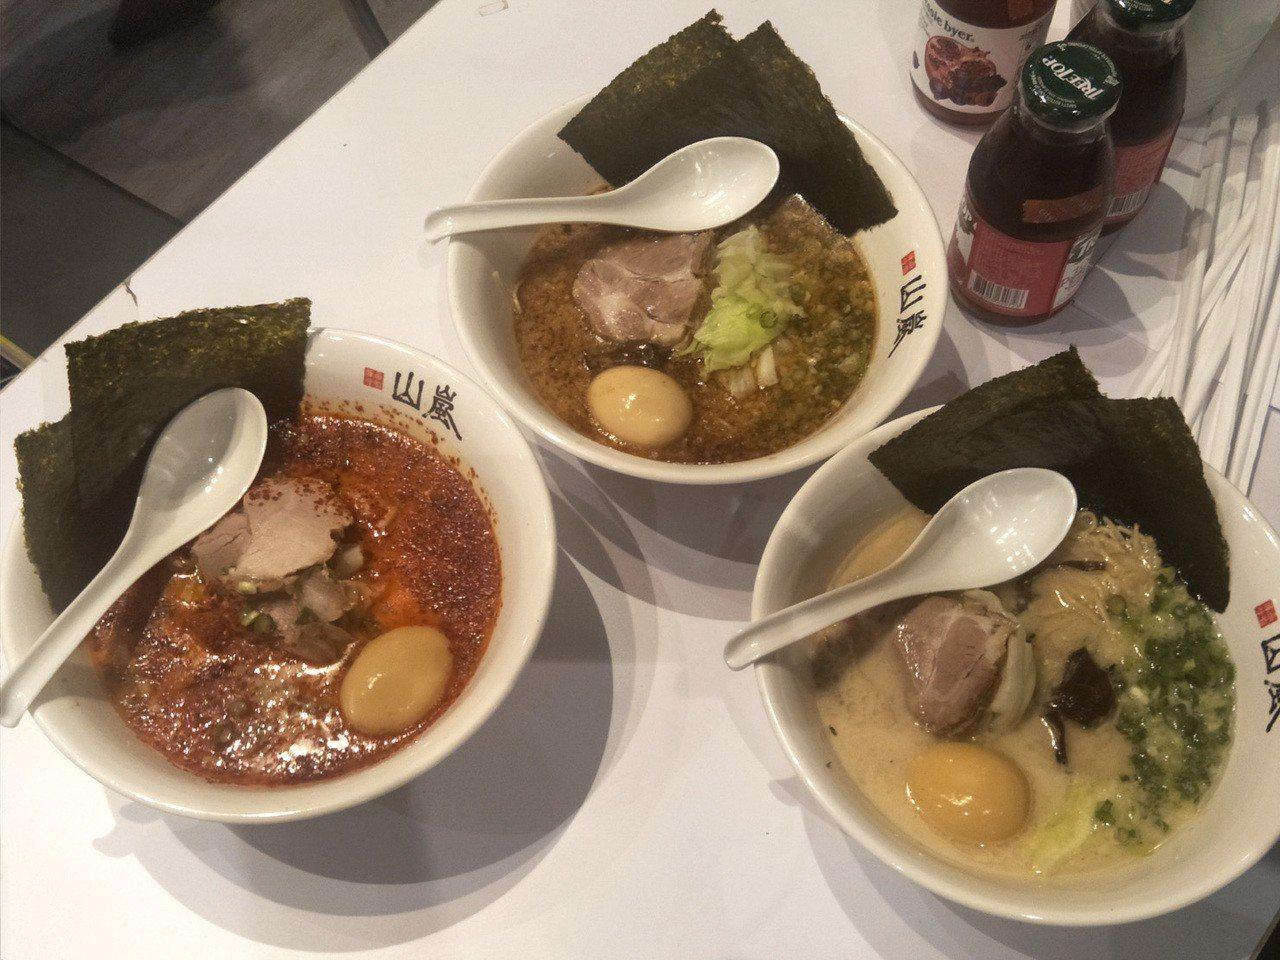 台茂購物中心日本夏日美食祭典,日本人氣店的北海道山嵐拉麵(見圖)提供三種口味料理...